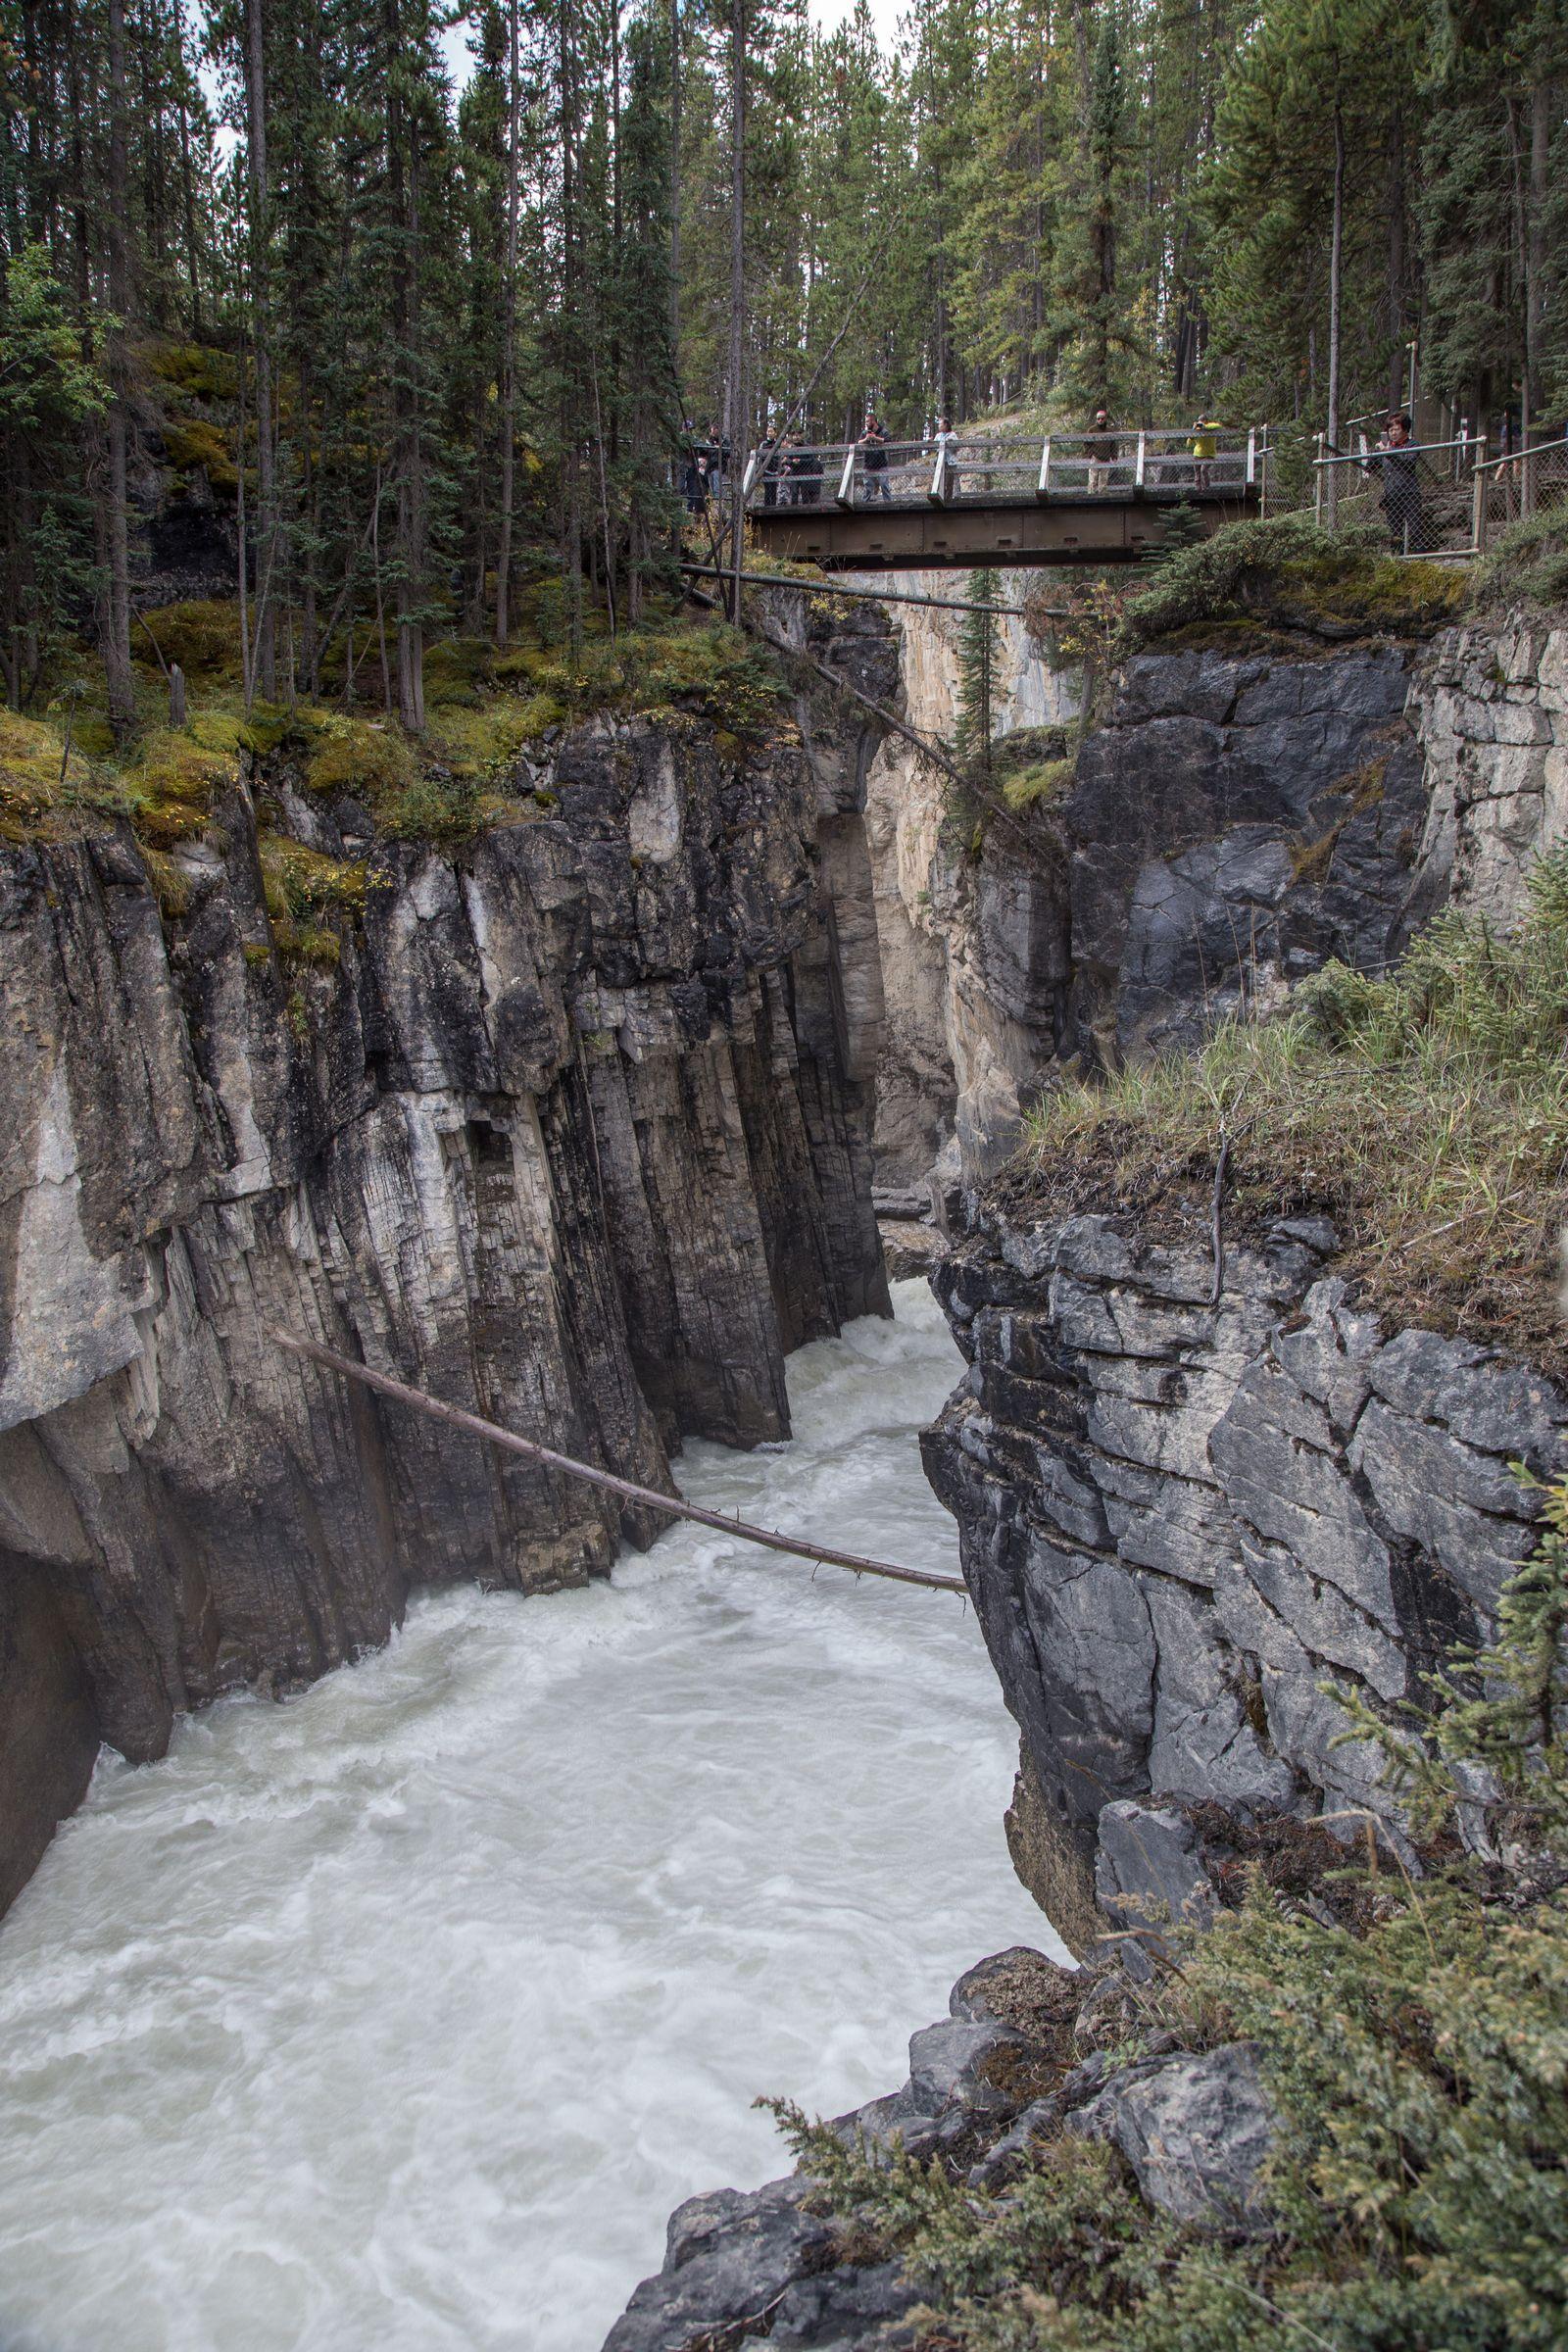 Más puentes en Sunwapta Falls